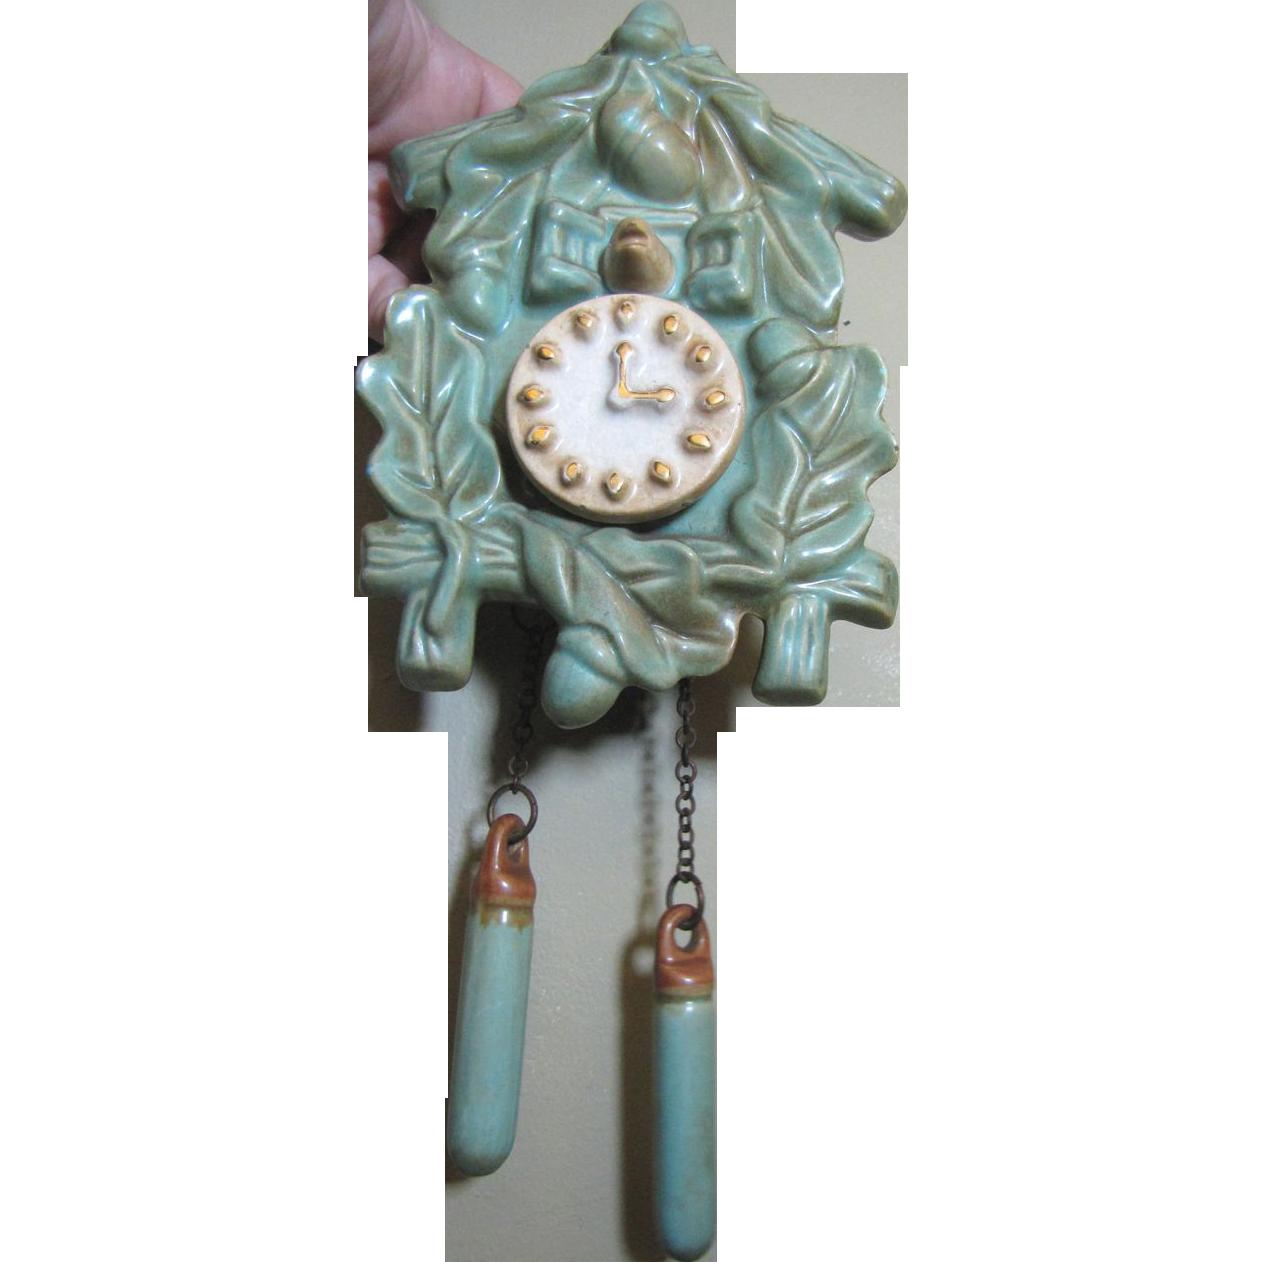 Super Cute Vintage Ceramic Cuckoo Clock Wall Pocket From